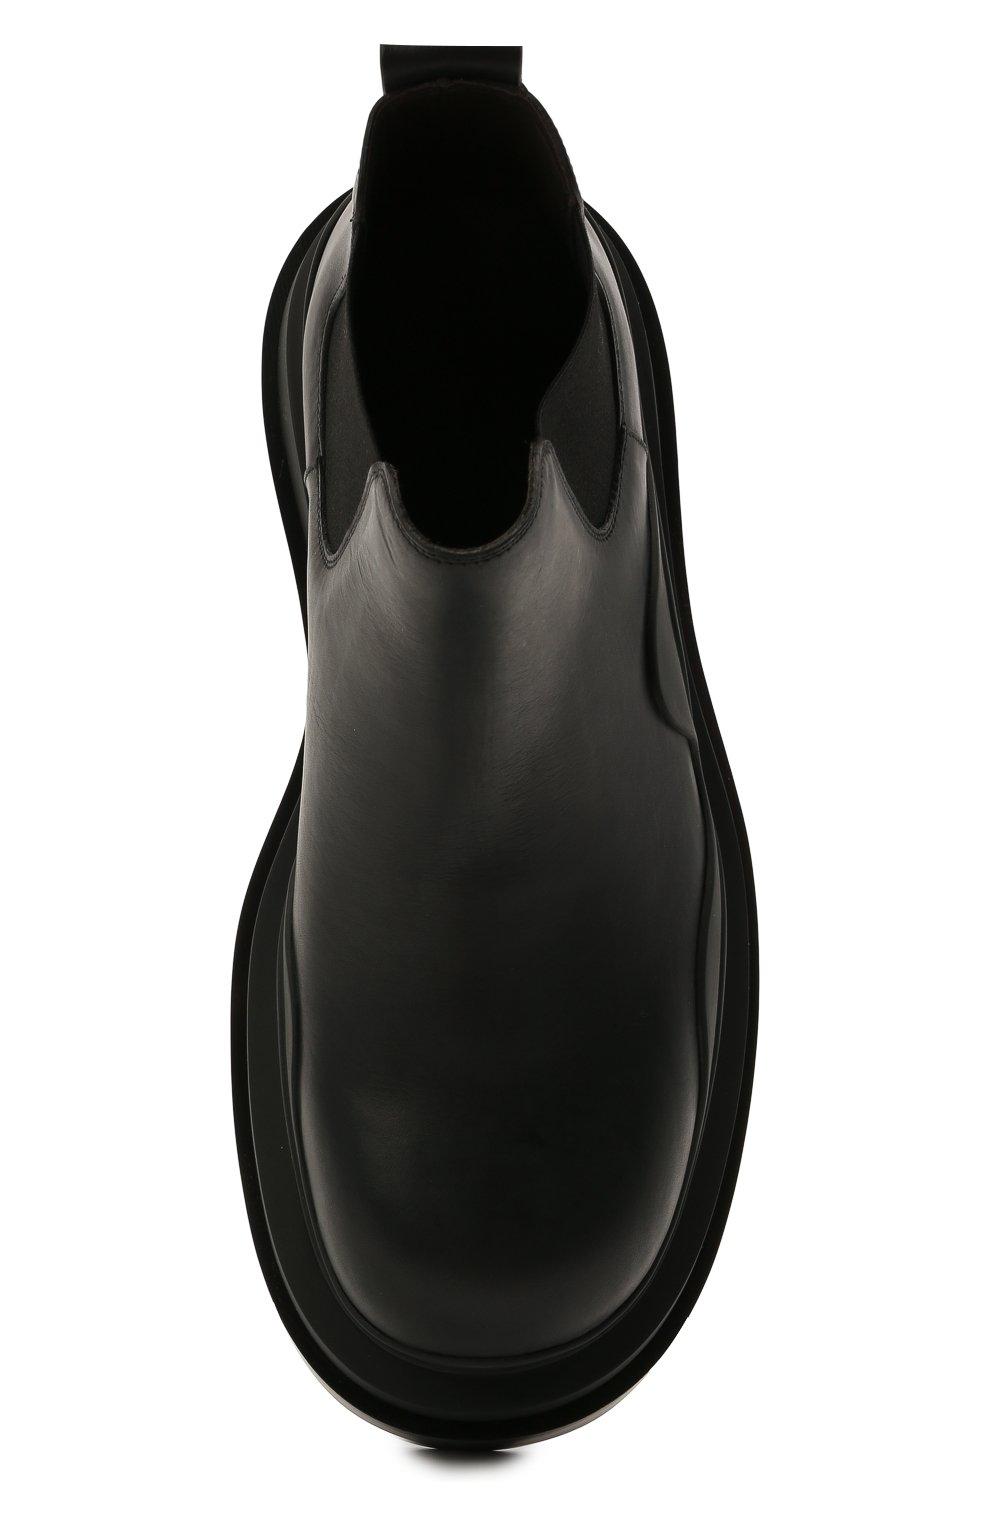 Мужские кожаные челси tire BOTTEGA VENETA черного цвета, арт. 630281/VBS50   Фото 5 (Каблук высота: Высокий; Материал внутренний: Натуральная кожа; Подошва: Массивная; Мужское Кросс-КТ: Сапоги-обувь, Челси-обувь)